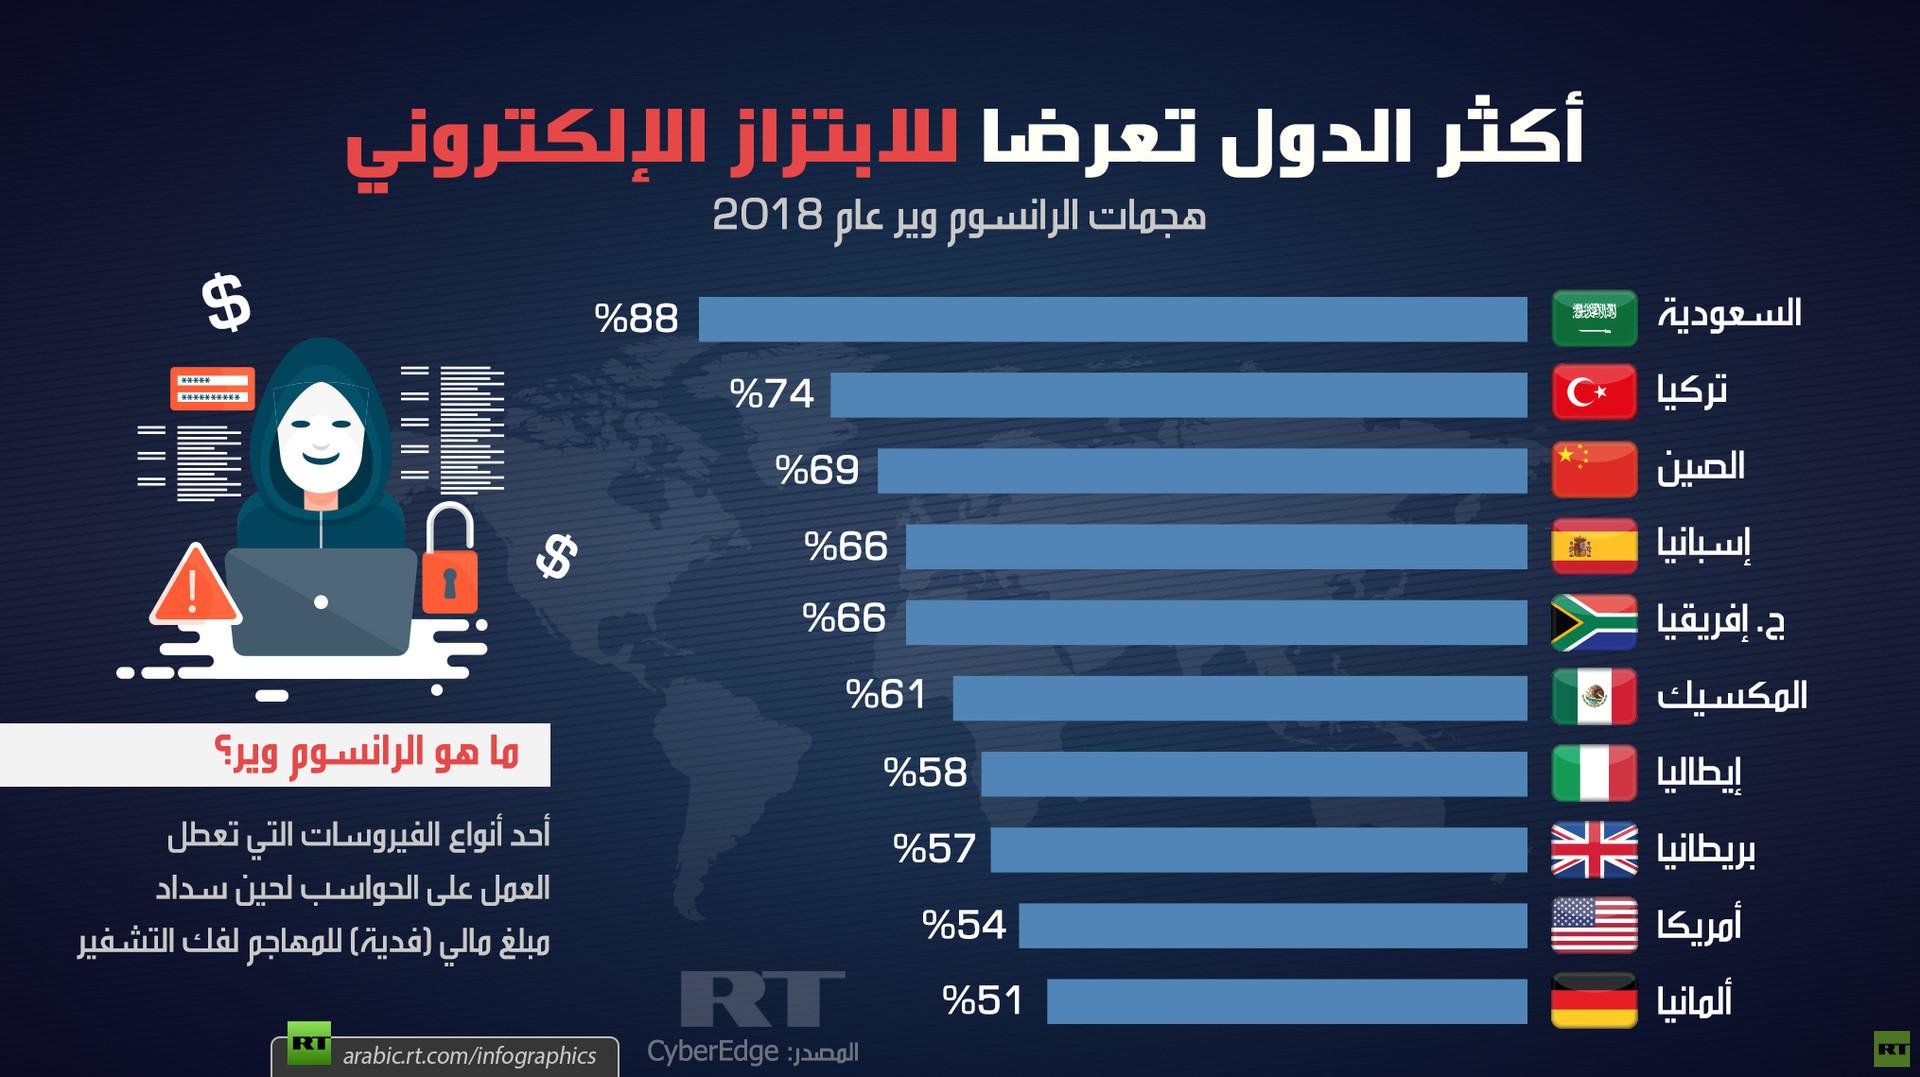 أكثر الدول تعرضا للابتزاز الإلكتروني